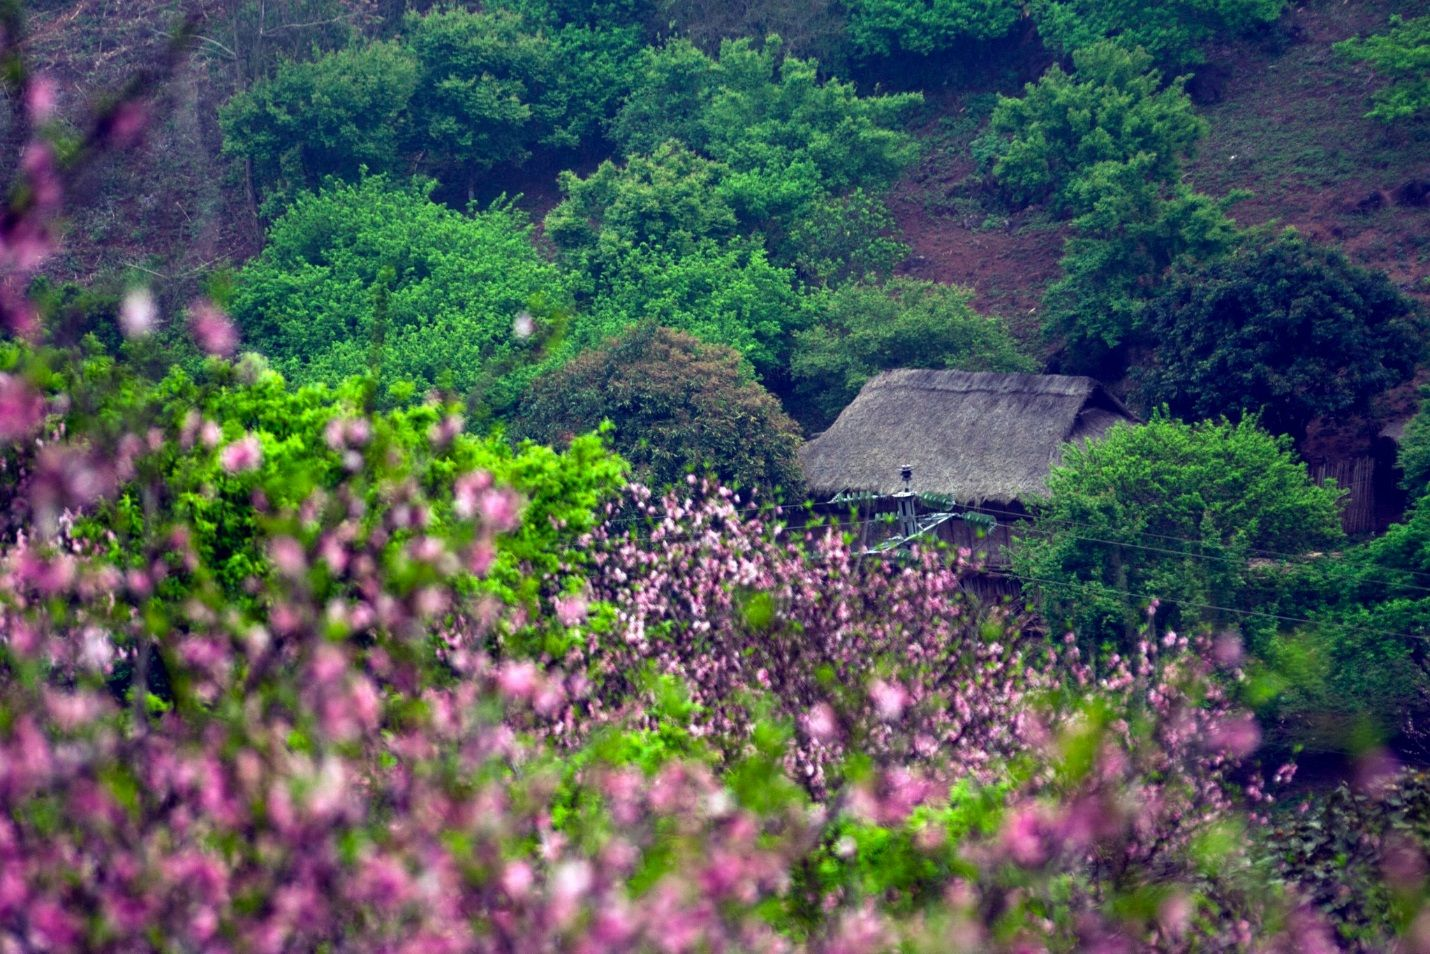 Mùa xuân với 4 loài hoa đẹp ở Mộc Châu